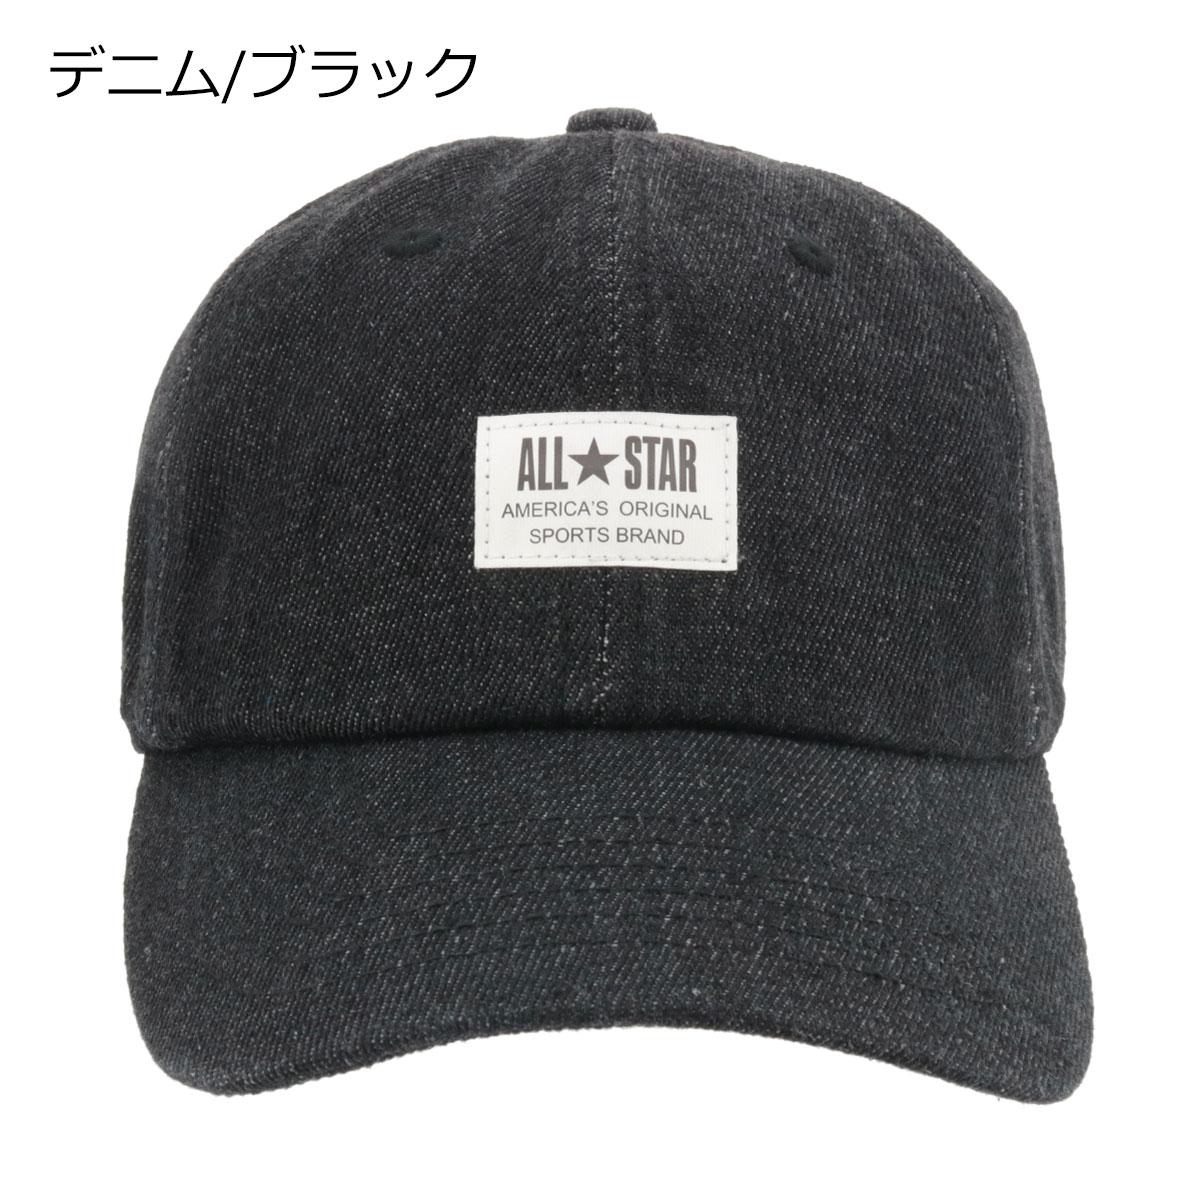 デニム/ブラック